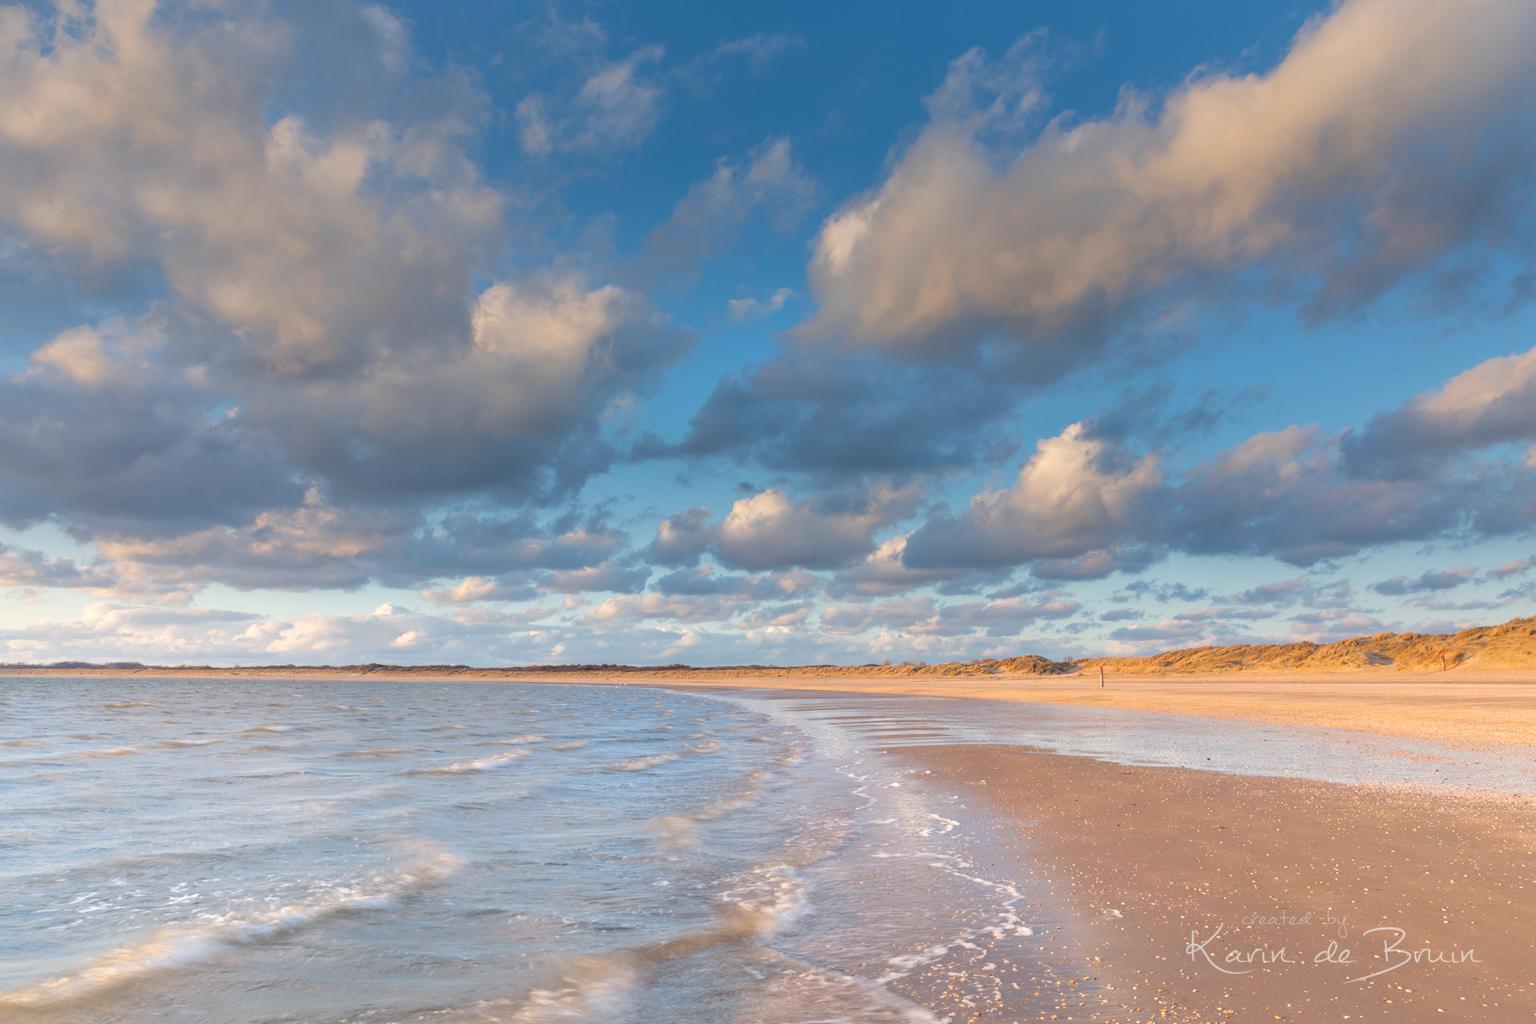 Summer Breeze! - T ziet eruit als een zomerse dag, maar dat was het zeker niet. Bevroren tot het bot na een uurtje strand. - foto door KarindeBruin op 16-04-2021 - locatie: 3235 Rockanje, Nederland - deze foto bevat: water, strand, golven, duinen, zon, wolken, wind, voorne putten, zuid holland, wolk, water, lucht, atmosfeer, watervoorraden, azuur, vloeistof, strand, natuurlijk landschap, zonlicht